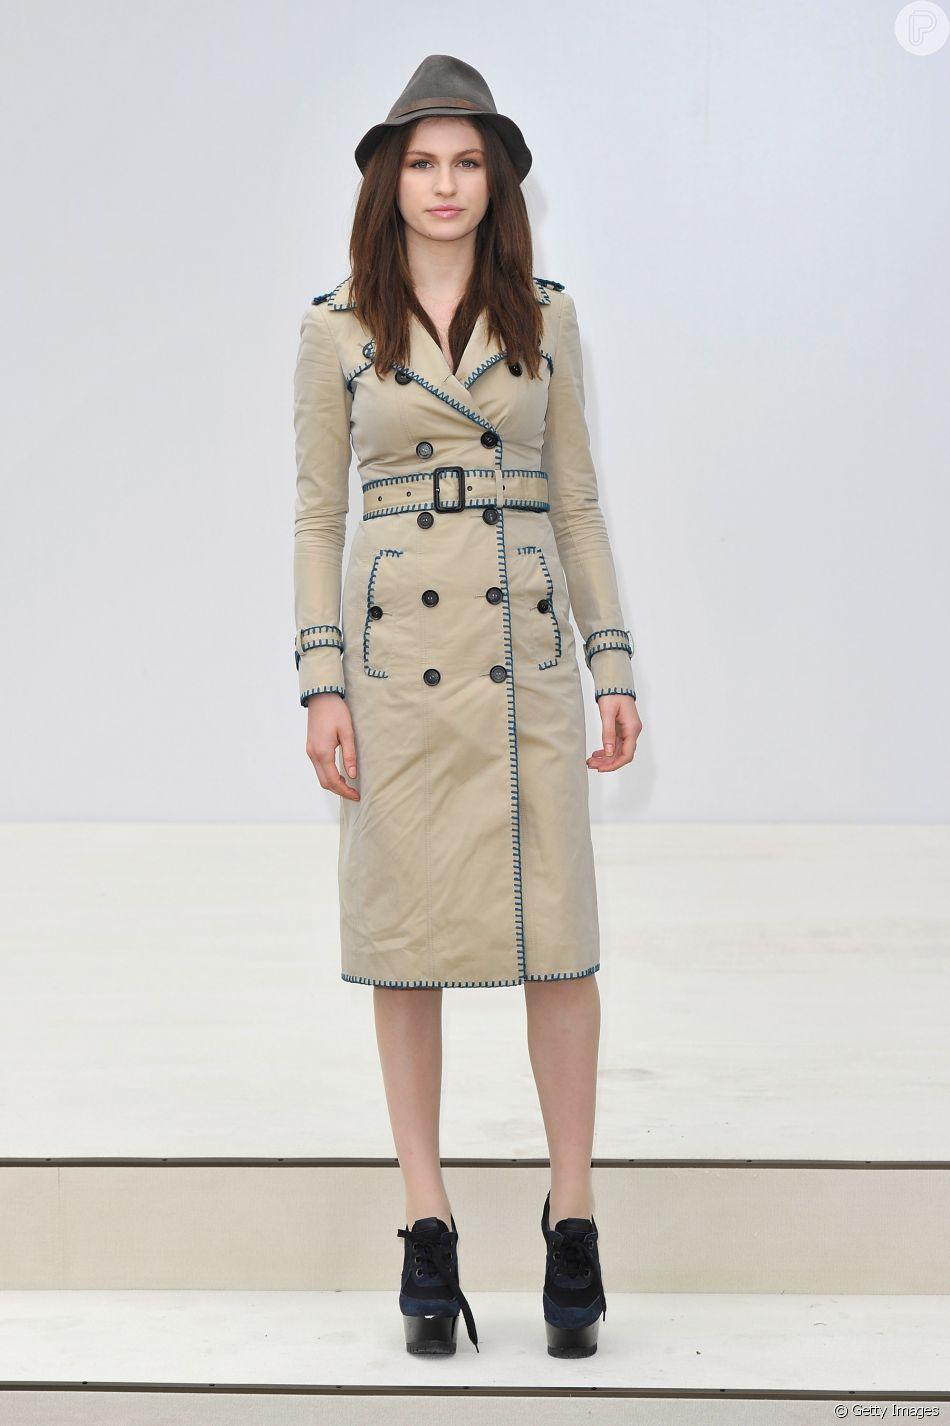 e4690576f1ac5 As mais fashionistas podem combinar o trench coat com acessórios como  chapéus e boinas para deixar a produção bem descontraída